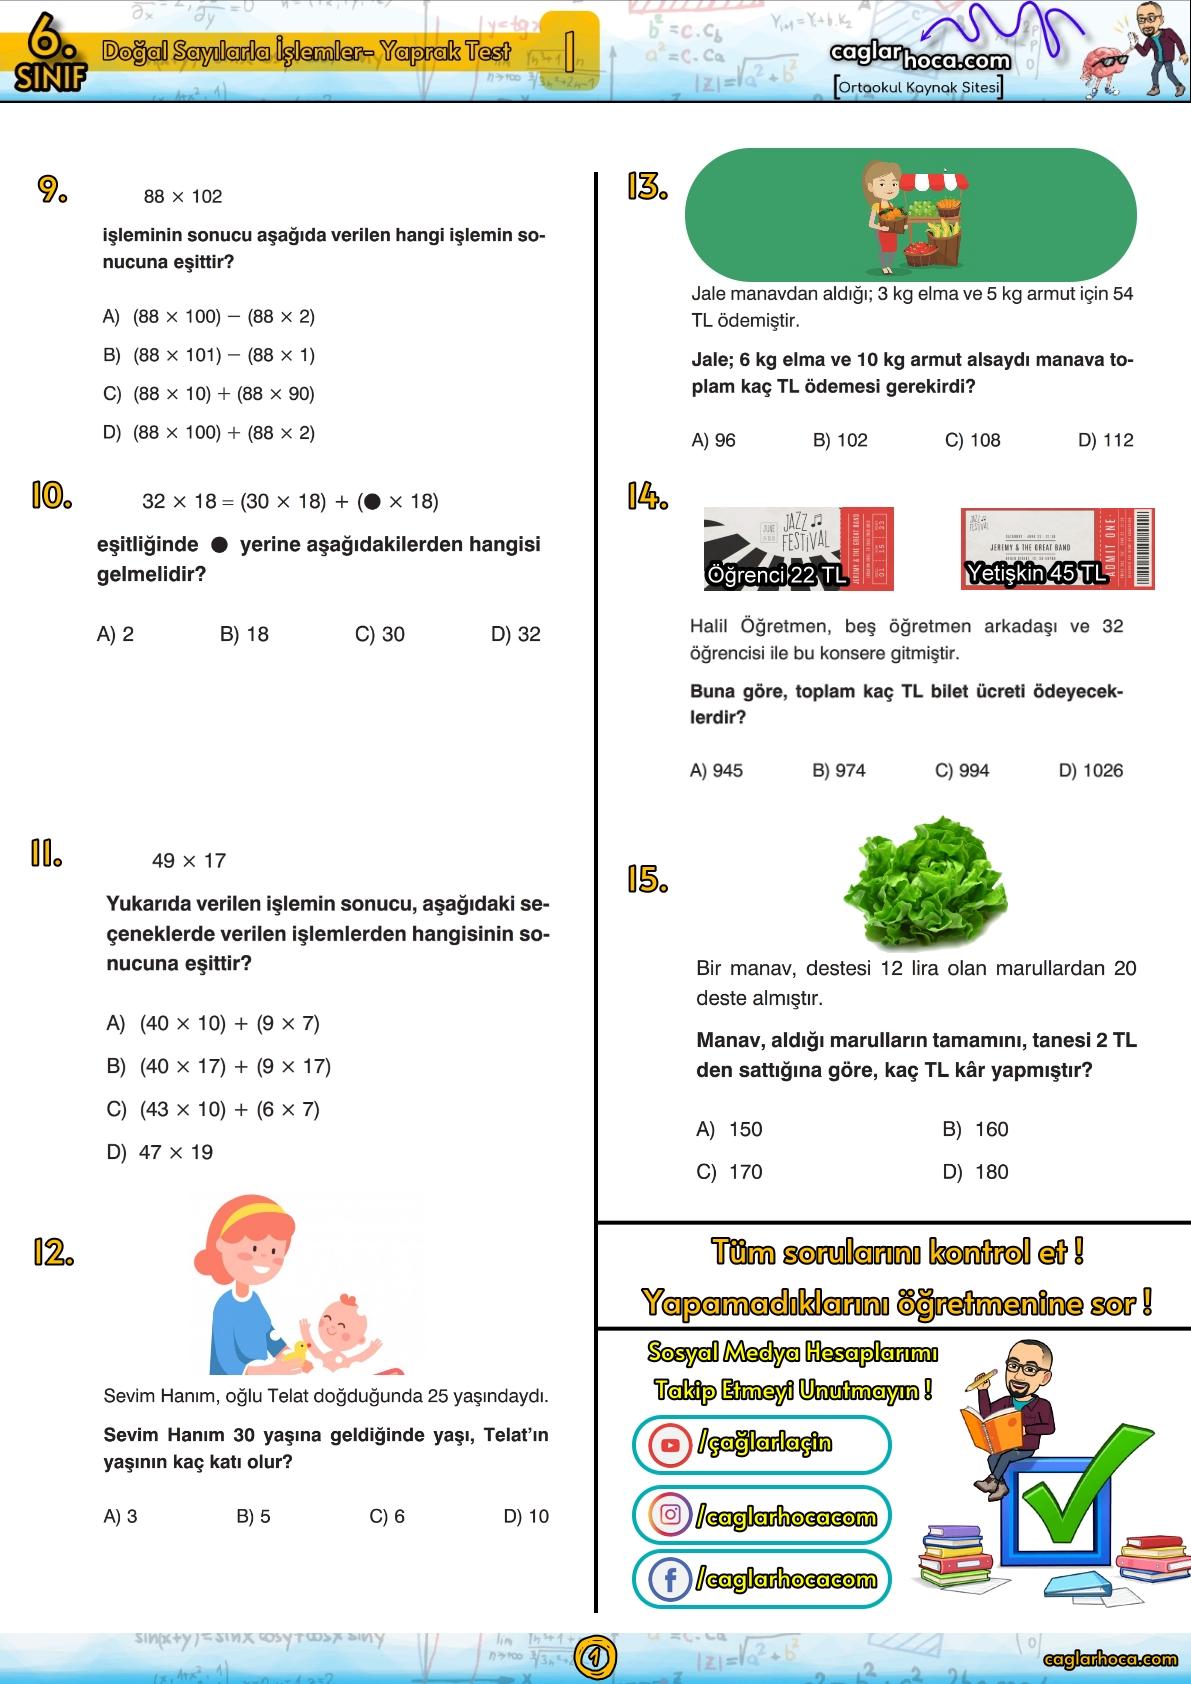 6.sınıf 1.ünite Doğal Sayılarla İşlemler Matematik Yaprak Test